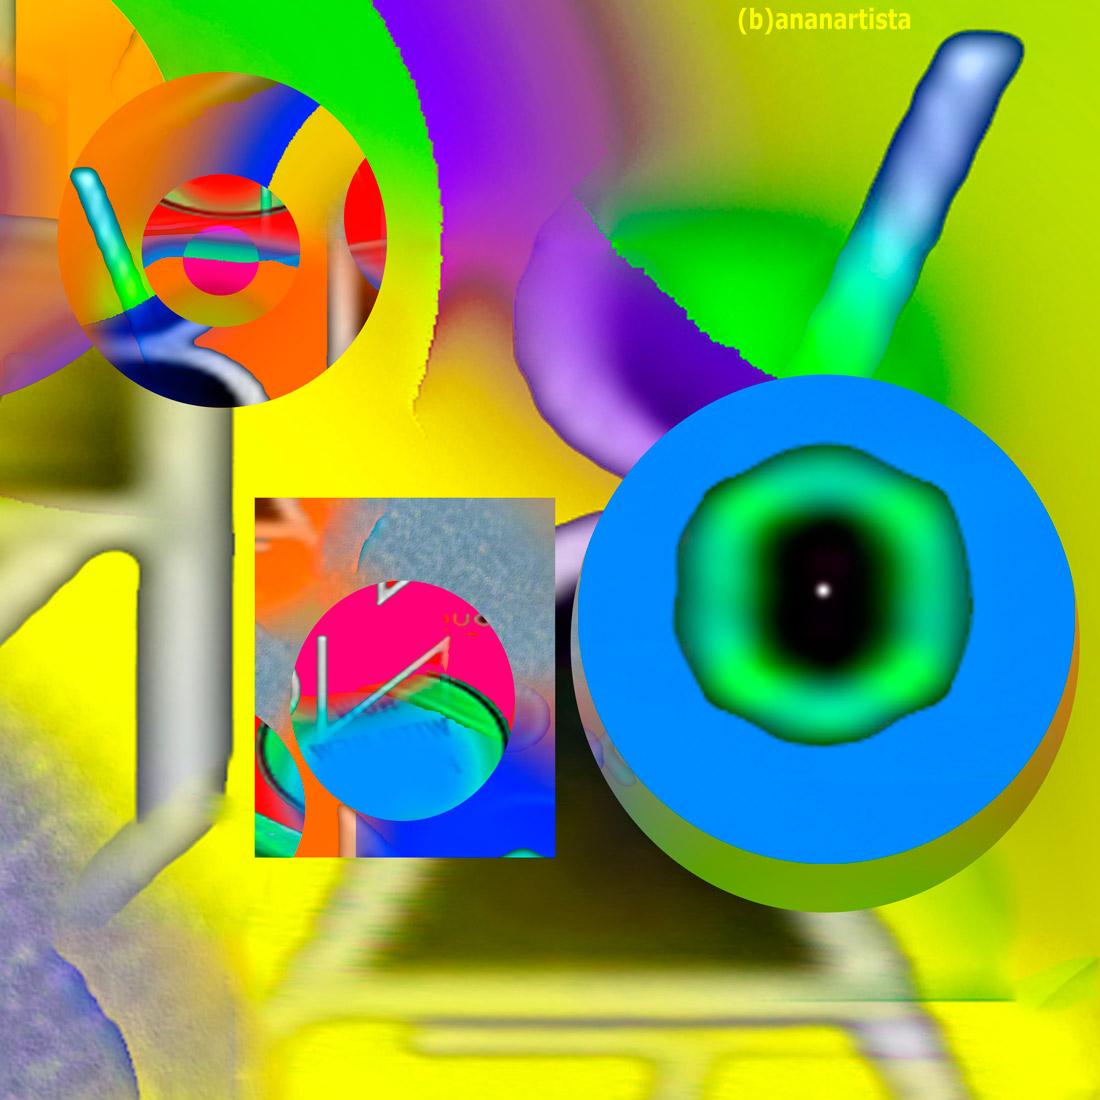 brainwashing - digital glitch abstract art by (b)ananartista sbuff